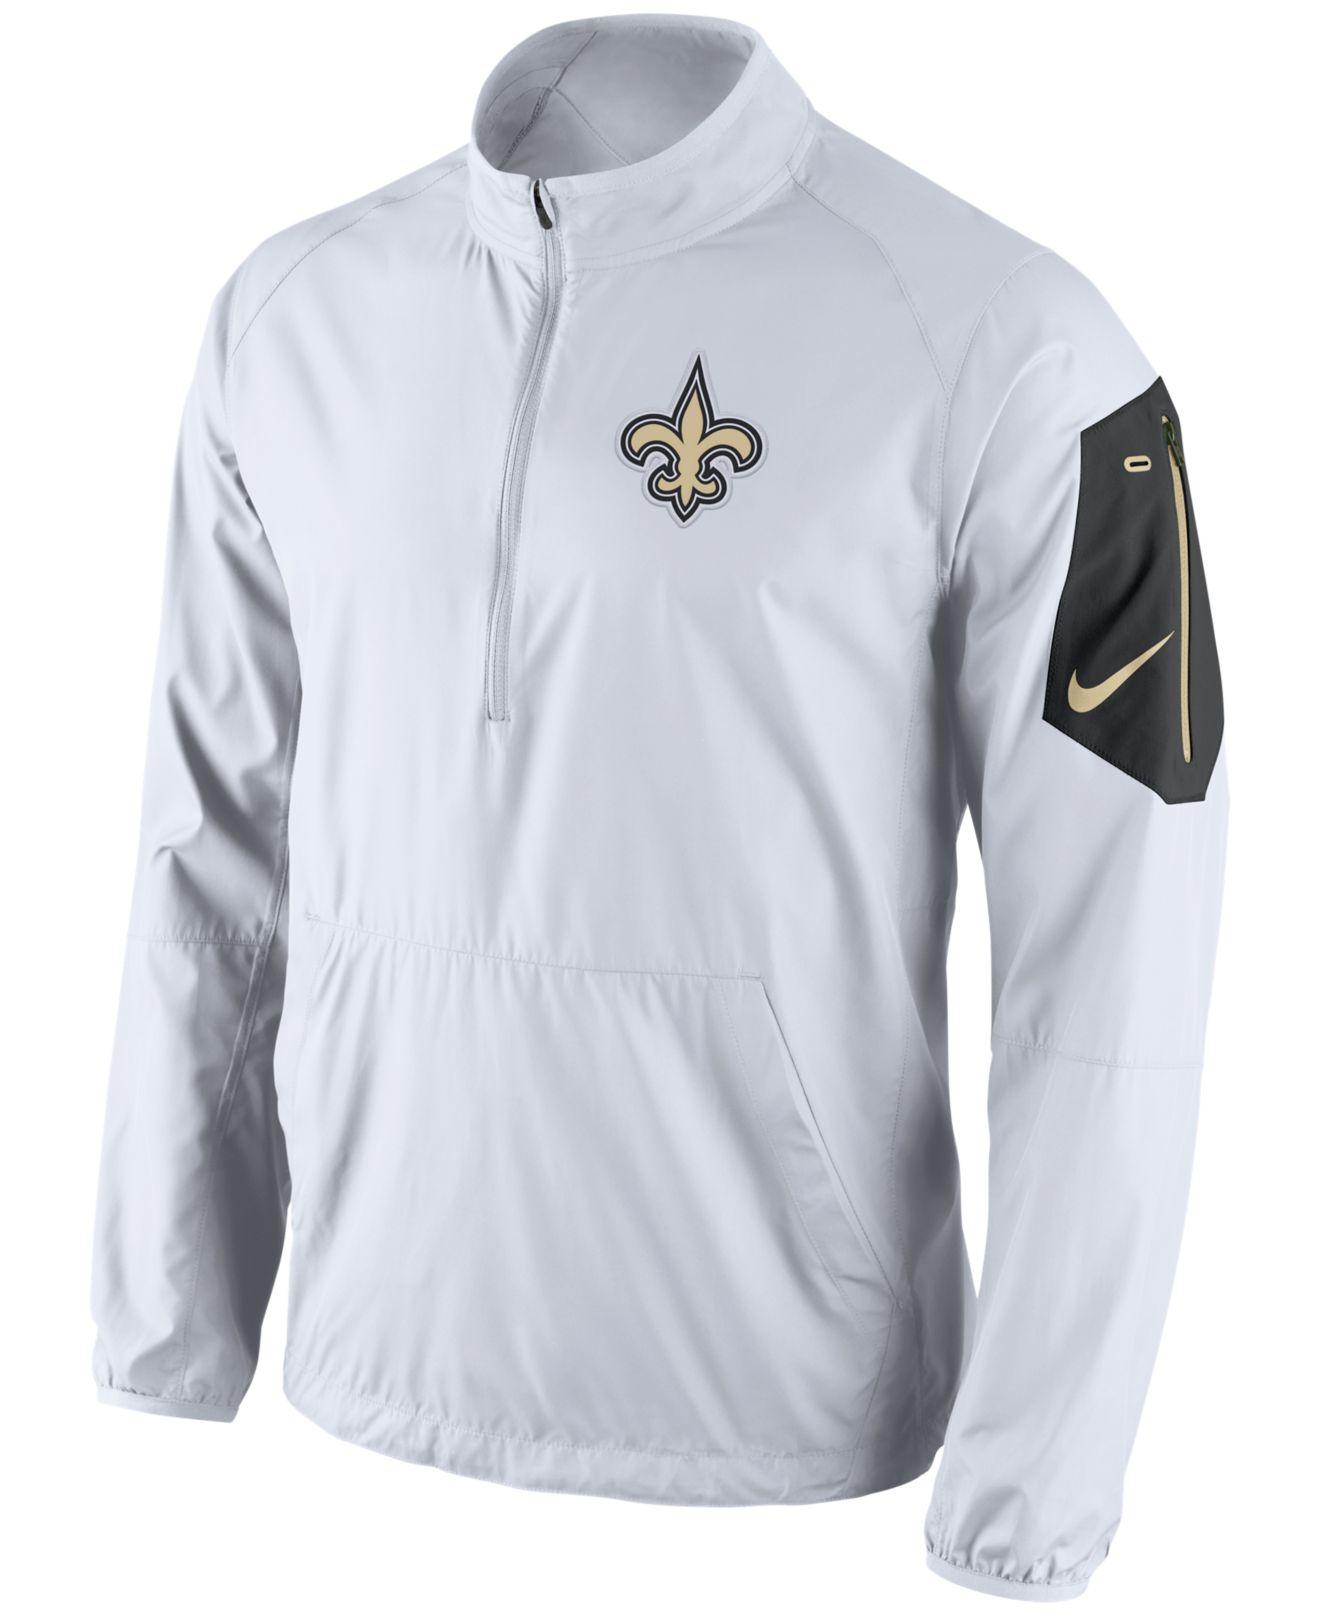 ... Nike Mens New Orleans Saints Lockdown Half-zip Jacket in Whi ... 30d328a47